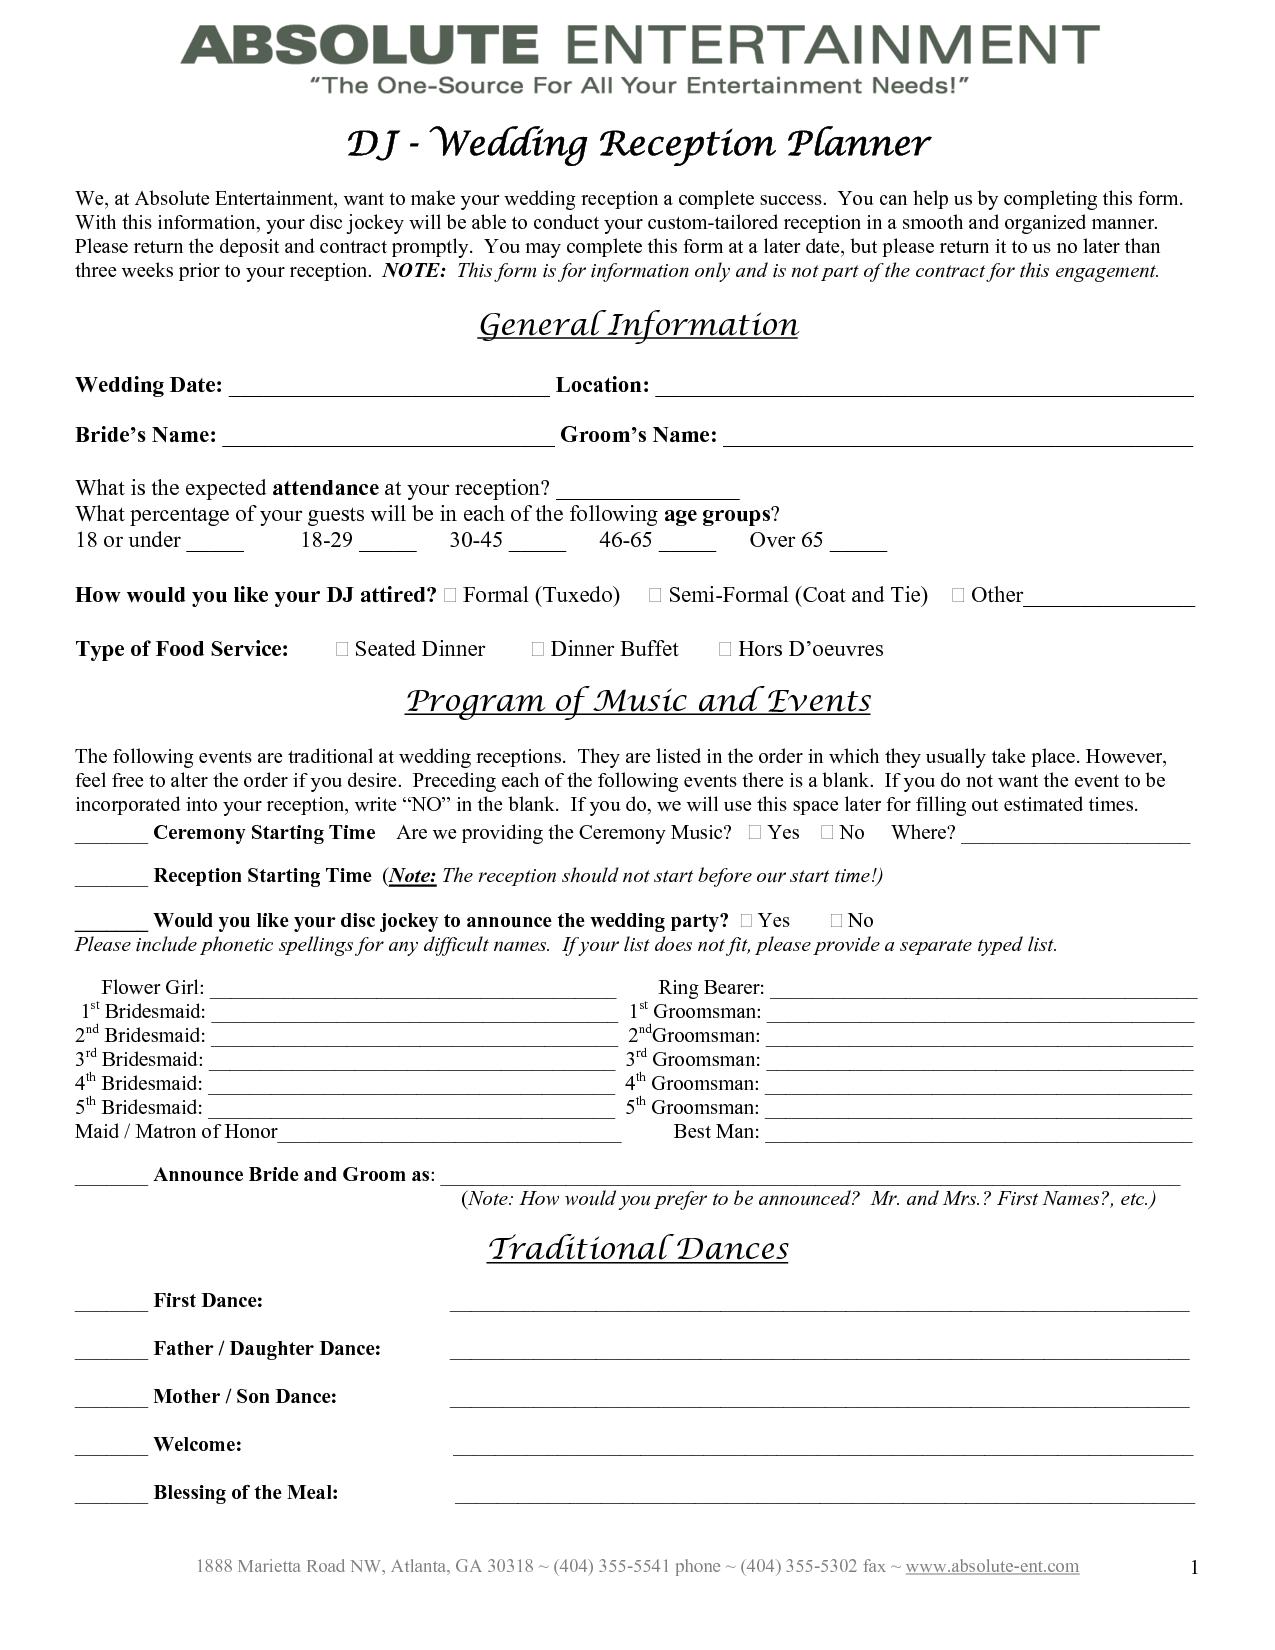 Wedding Planner Contract Template Hochzeitserinnerung Hochzeitsplanung Checkliste Hochzeit